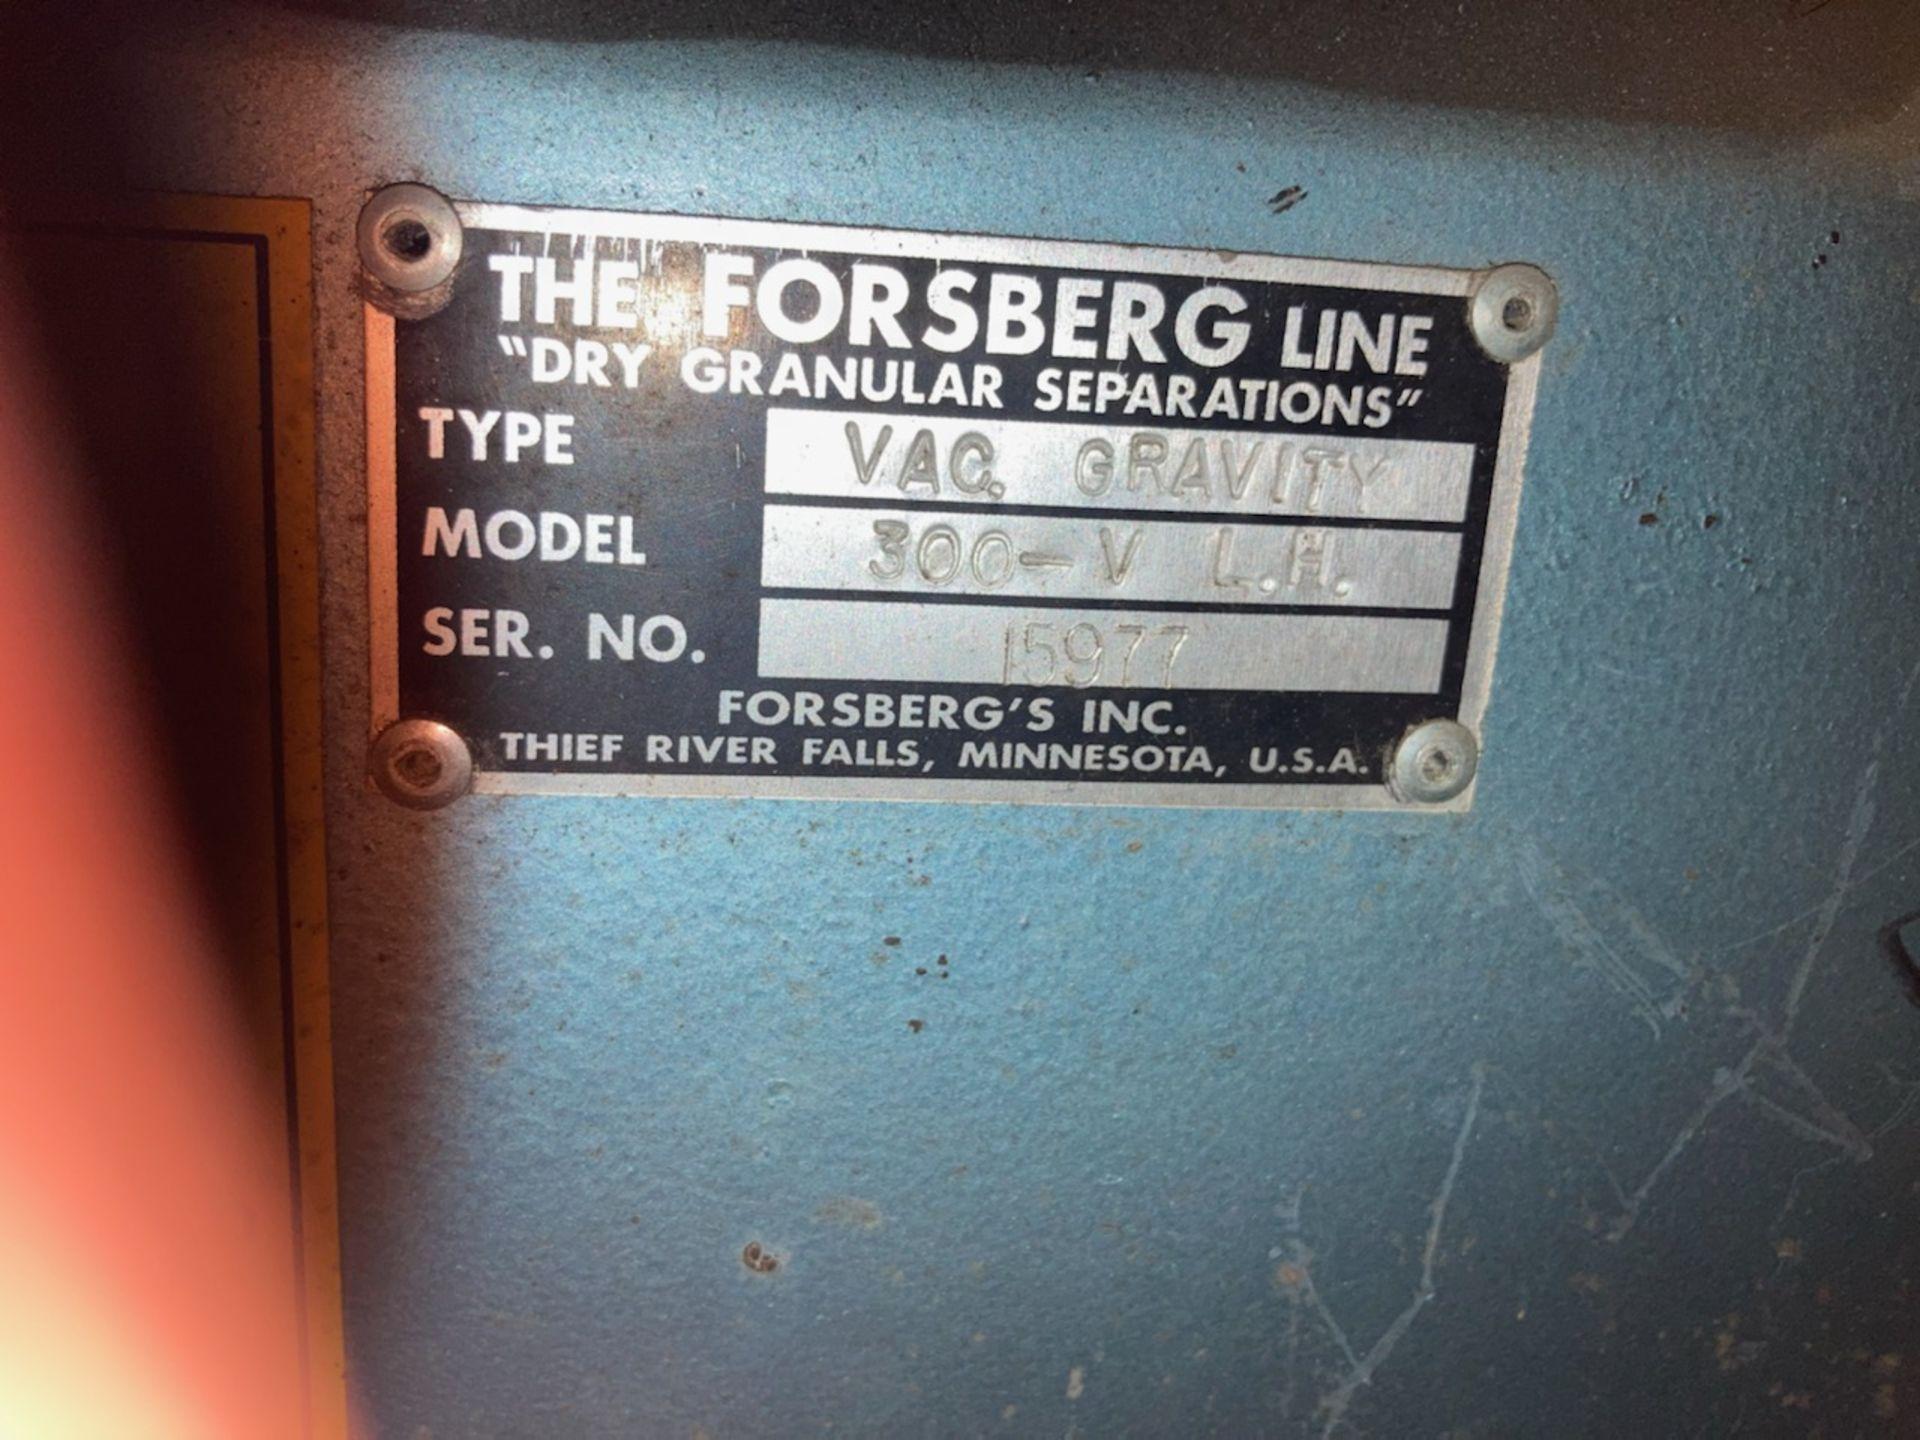 Forsberg Gravity Table Model 300-V L.H. S/N 15977 - Image 4 of 4